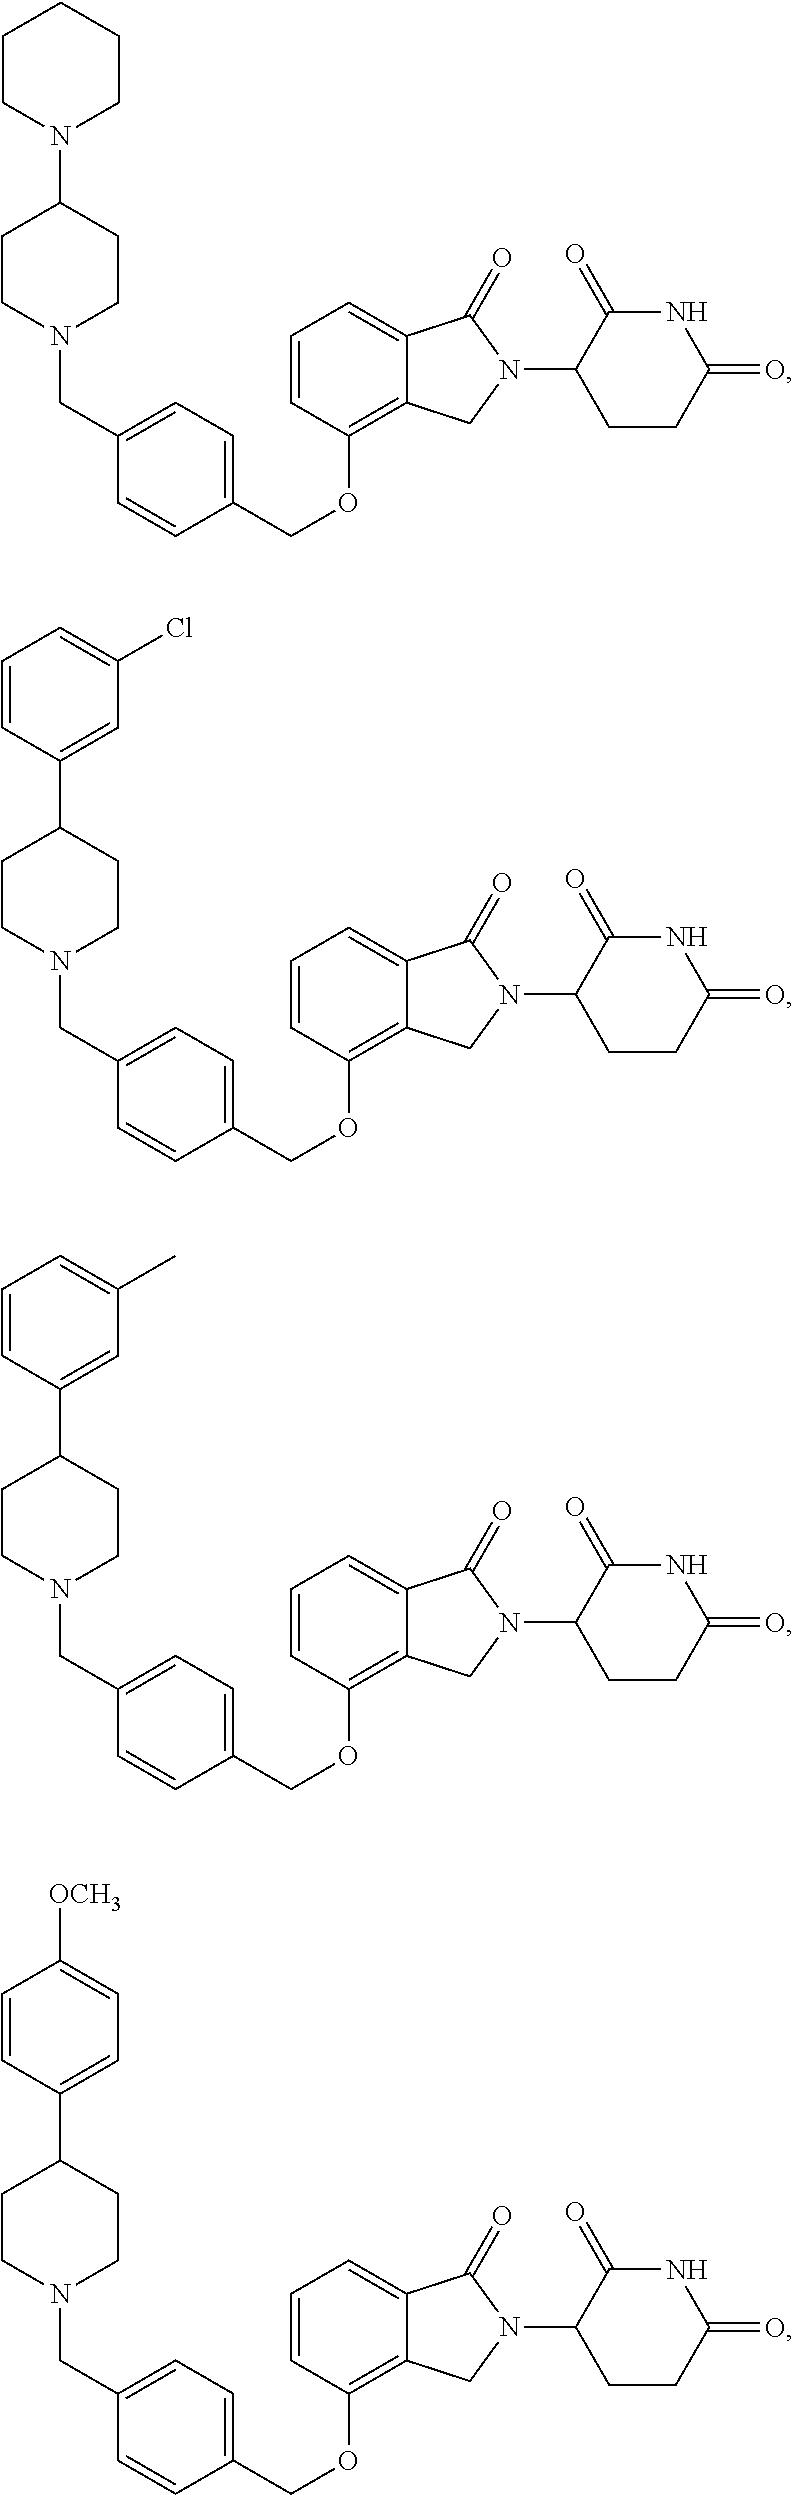 Figure US09587281-20170307-C00090